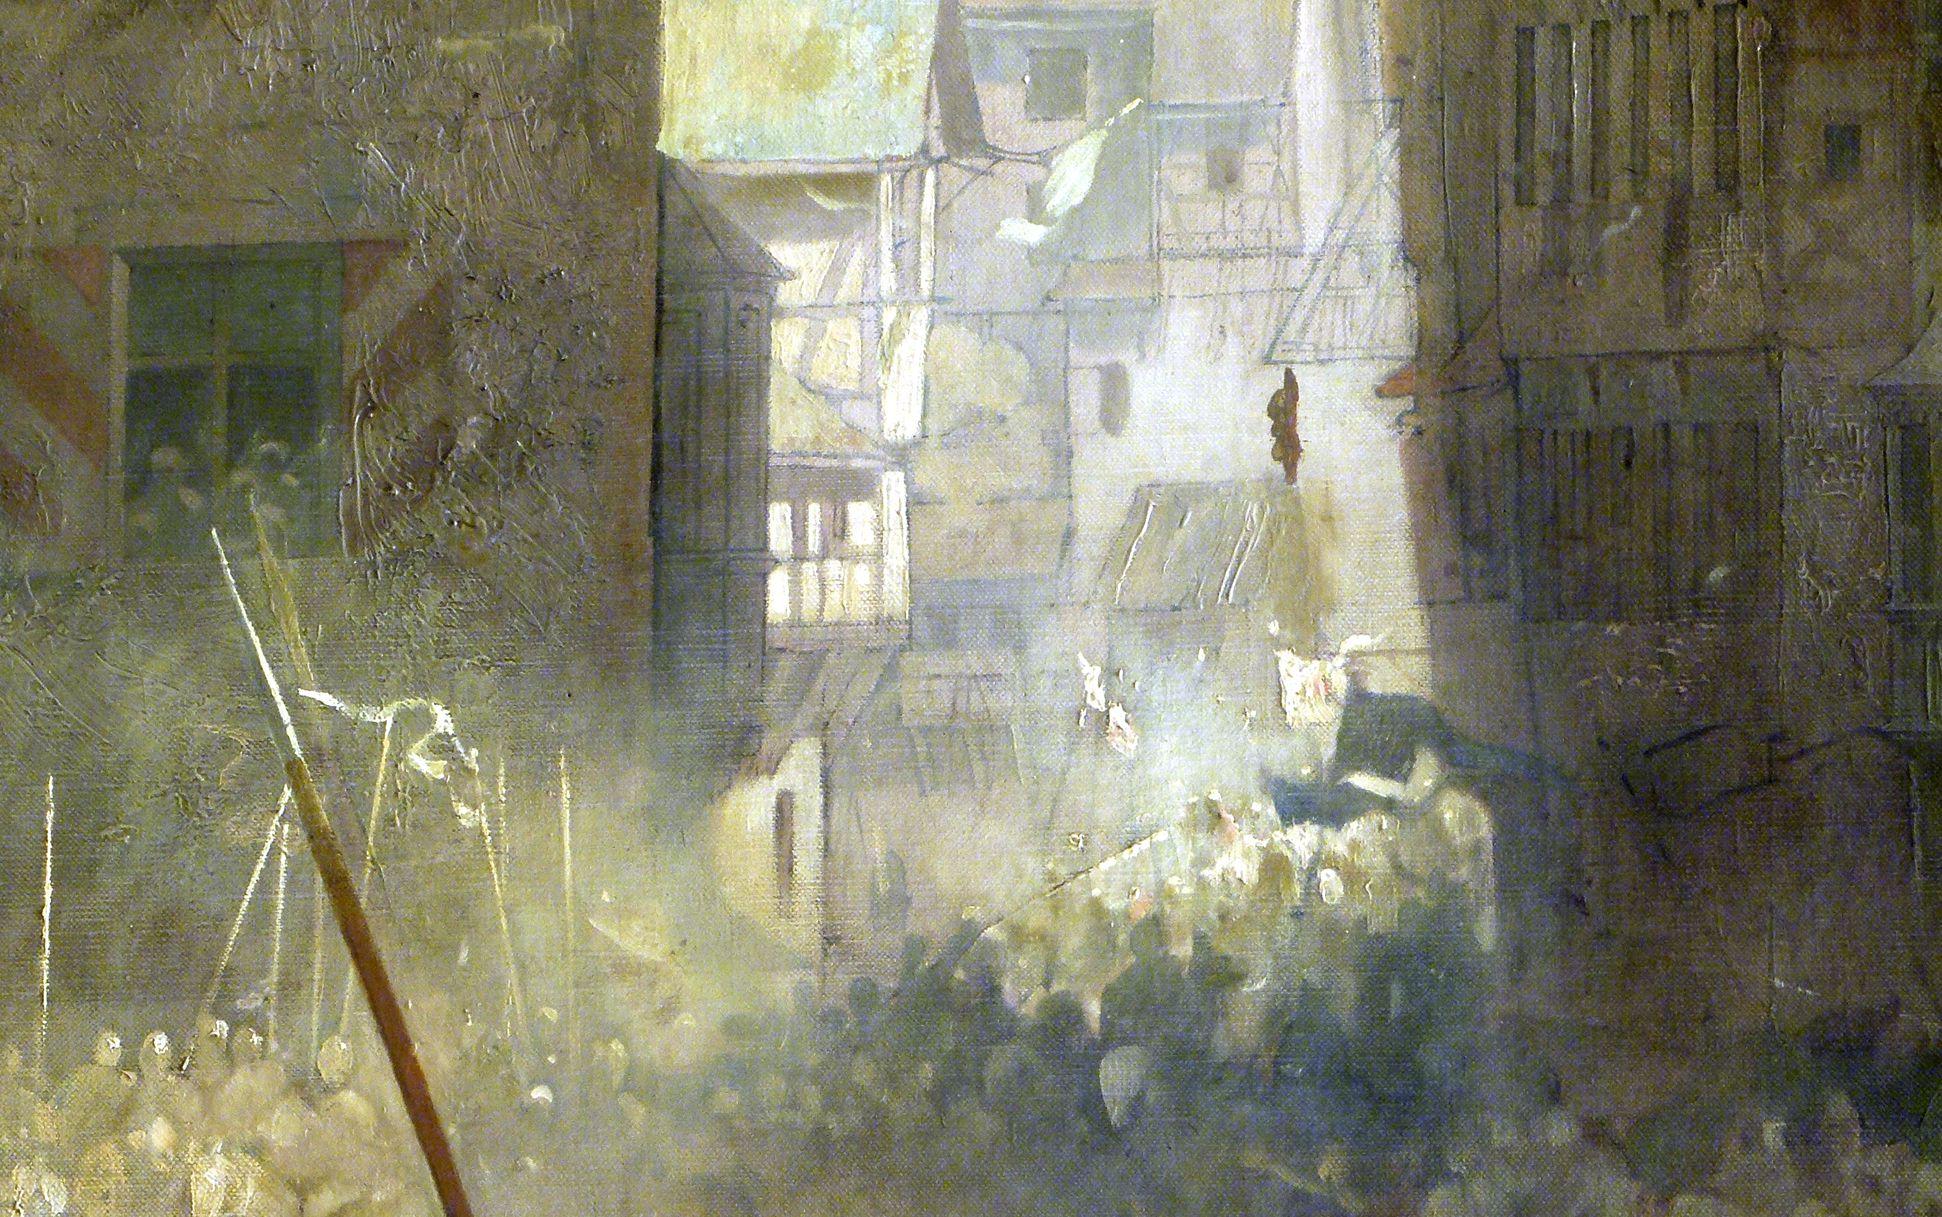 Die Einbringung der Reichskleinodien in Nürnberg am 22. März 1424 Blick in die Plobenhofstraße